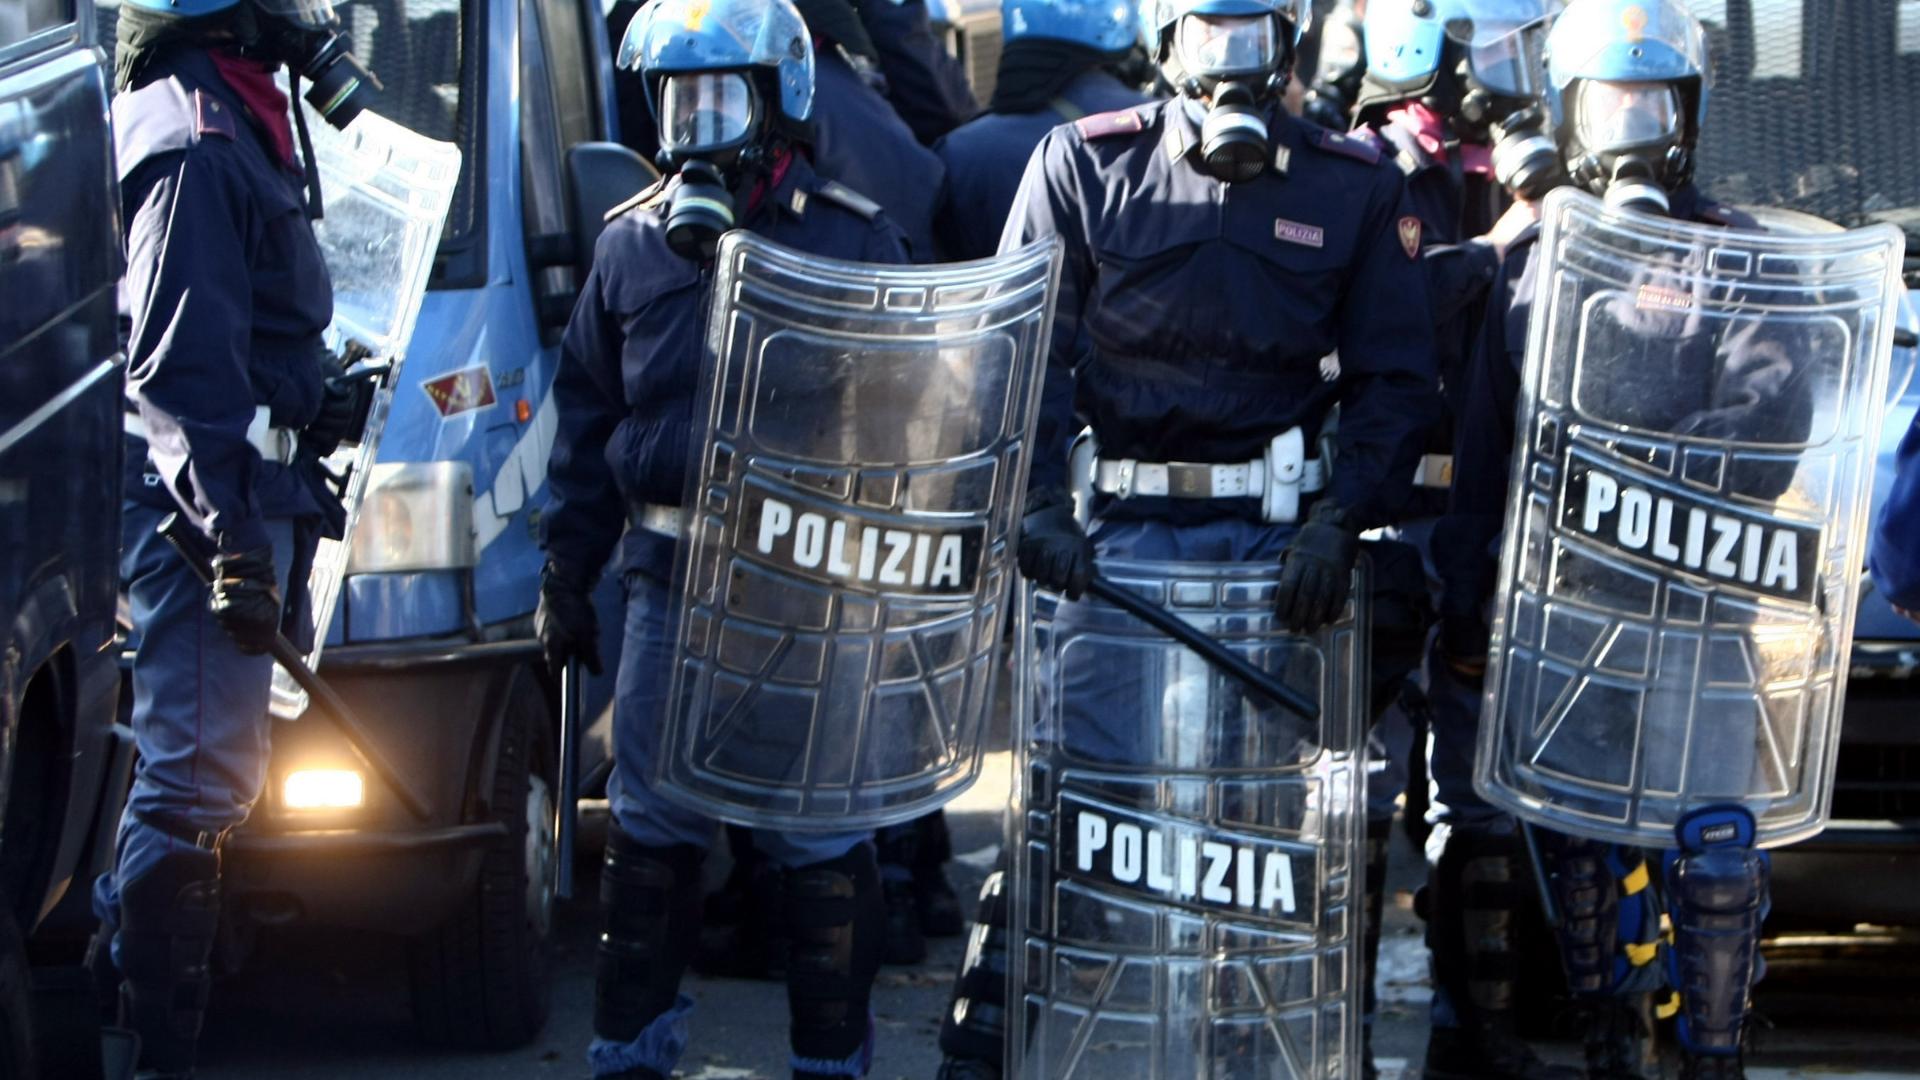 In Emilia e non solo... militanza sindacale e repressione politica